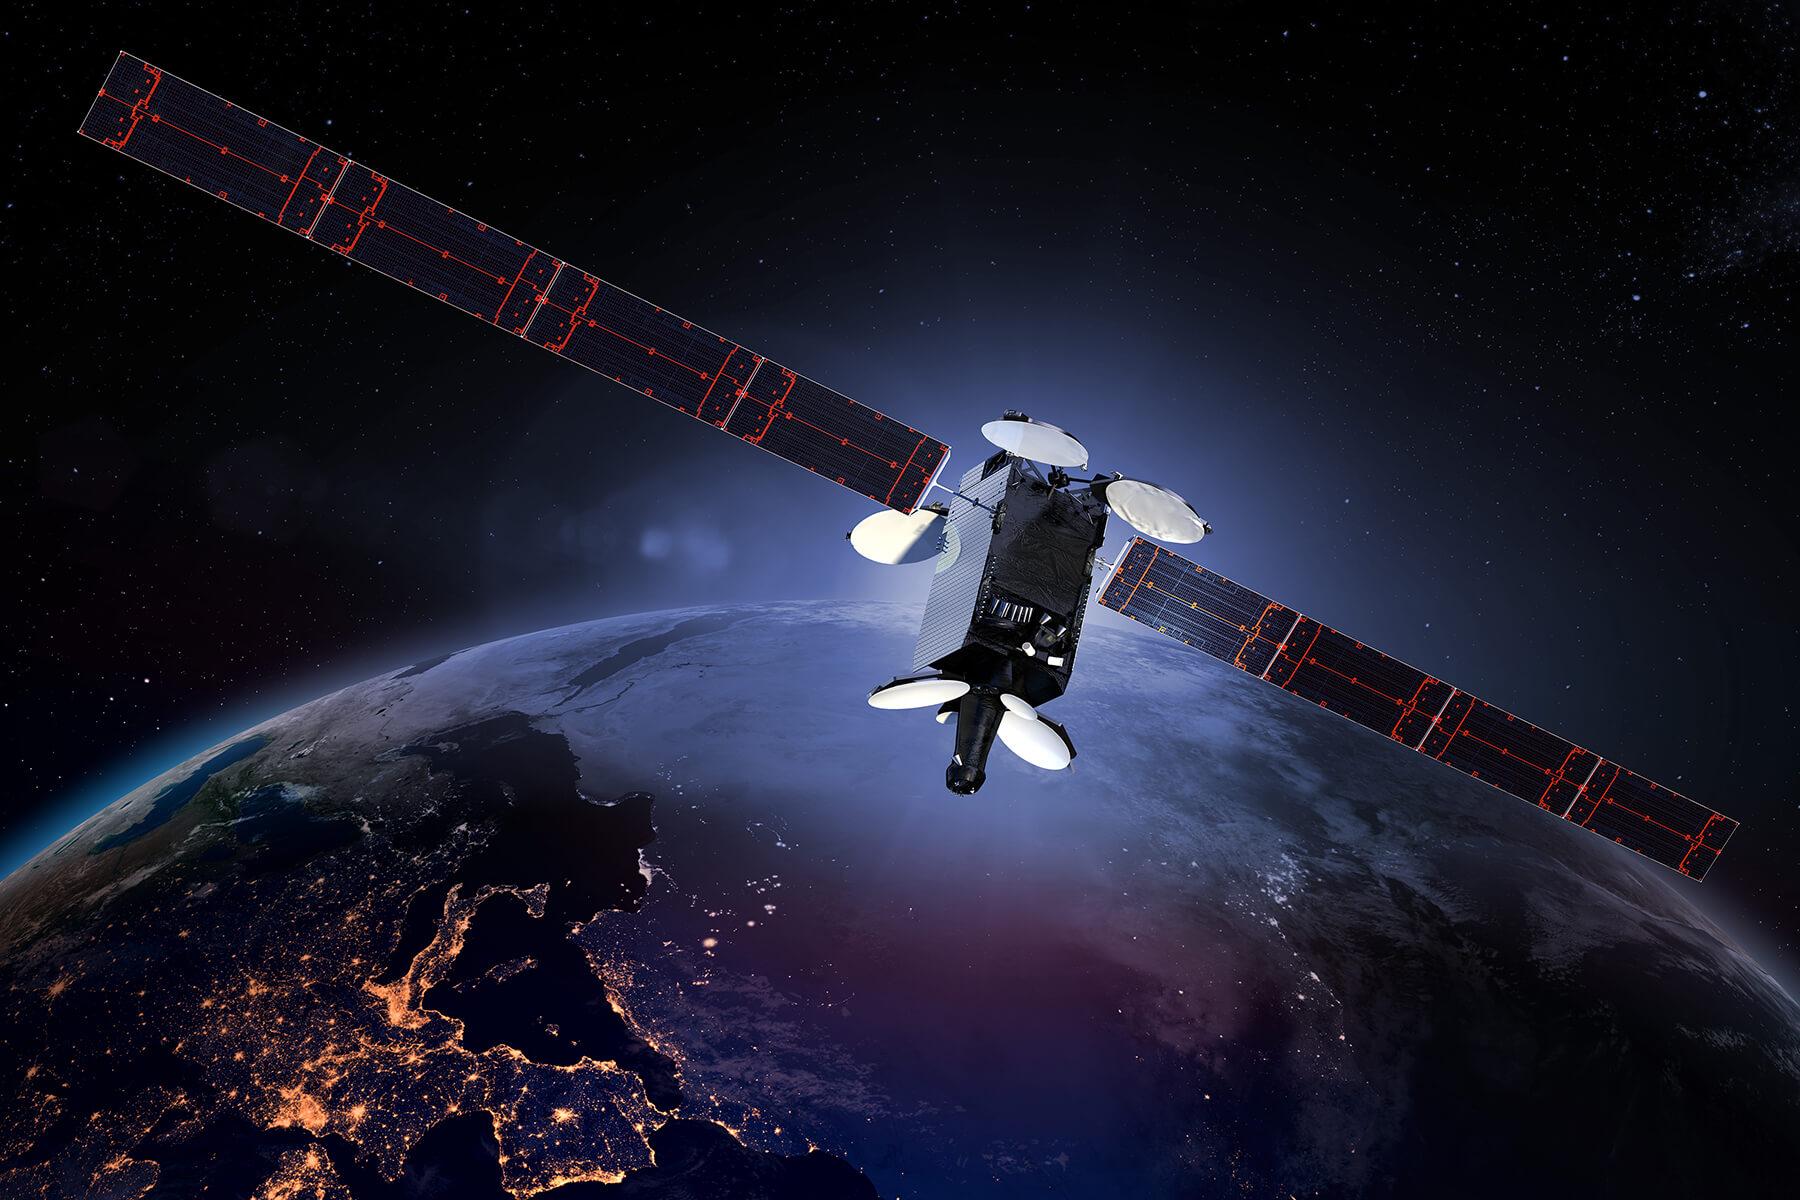 Охота на орбитальные спутники: лазеры, роботизированные охотники и другие способы утилизации аппаратов - 1